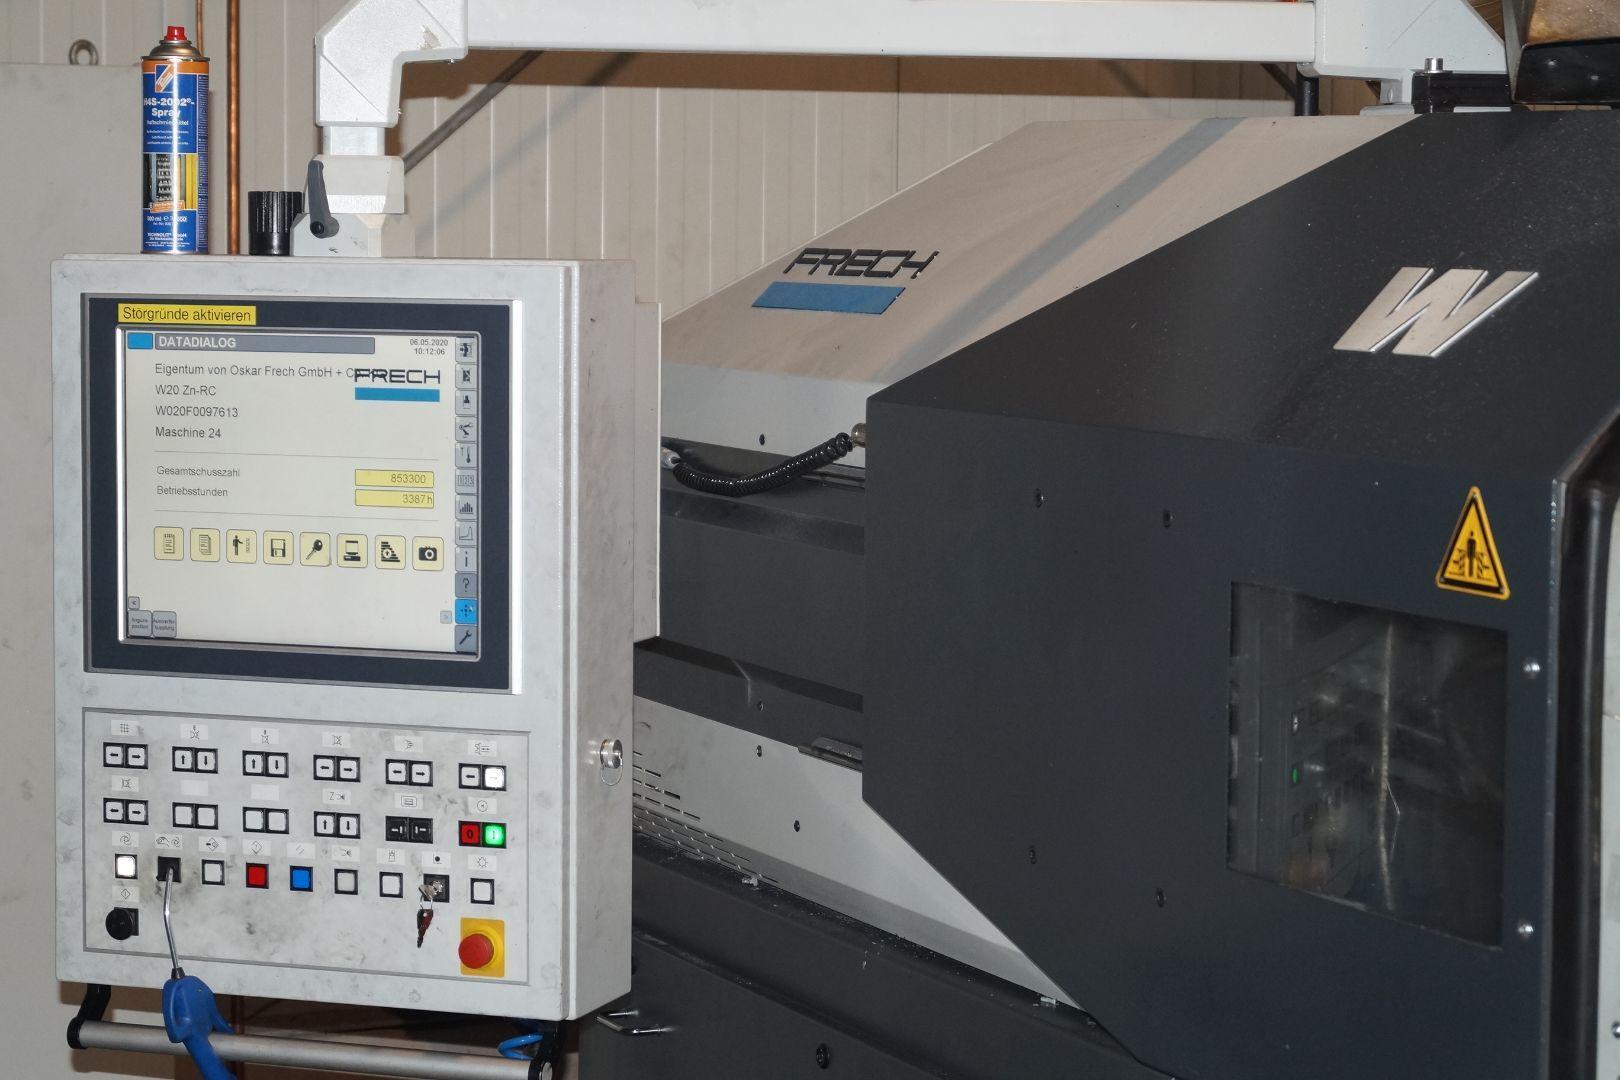 gebrauchte Druckgießmaschinen Warmkammerdruckgußmaschine - Vertikal FRECH W20Zn-RC